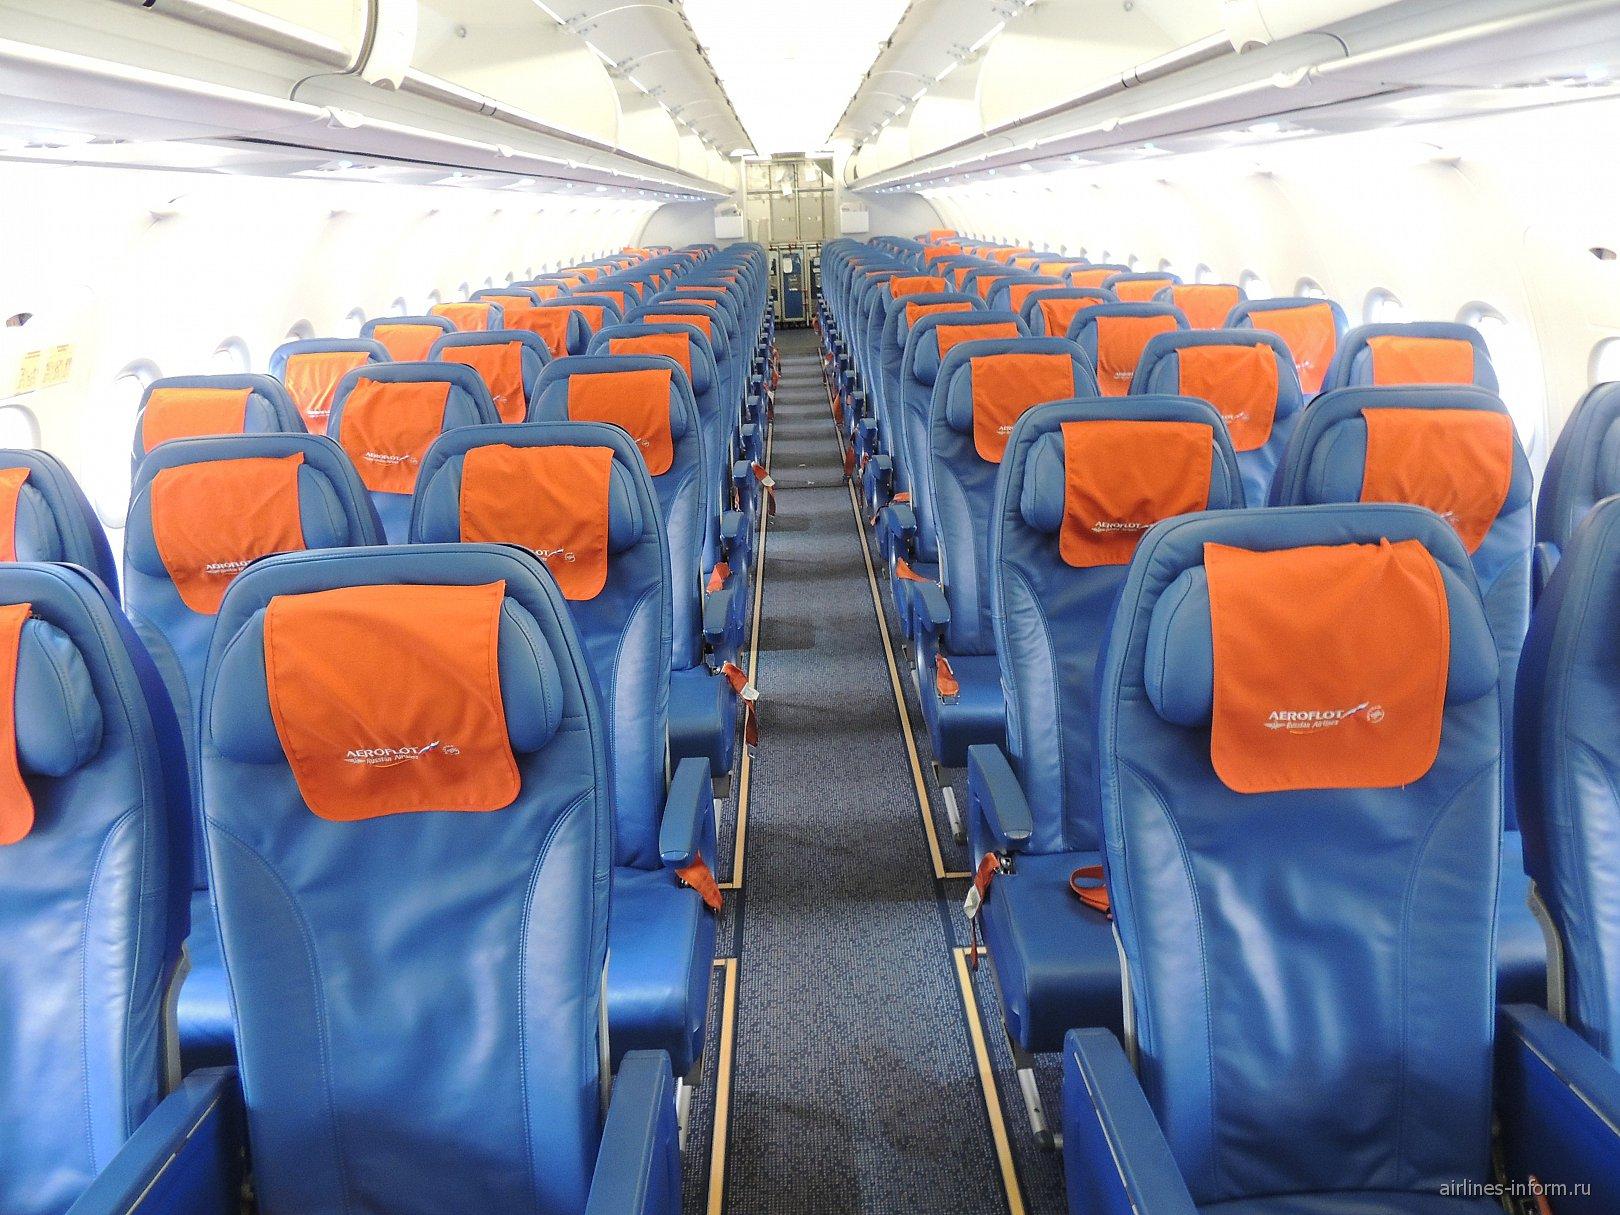 Салон экономического класса в самолете Airbus A319 Аэрофлота